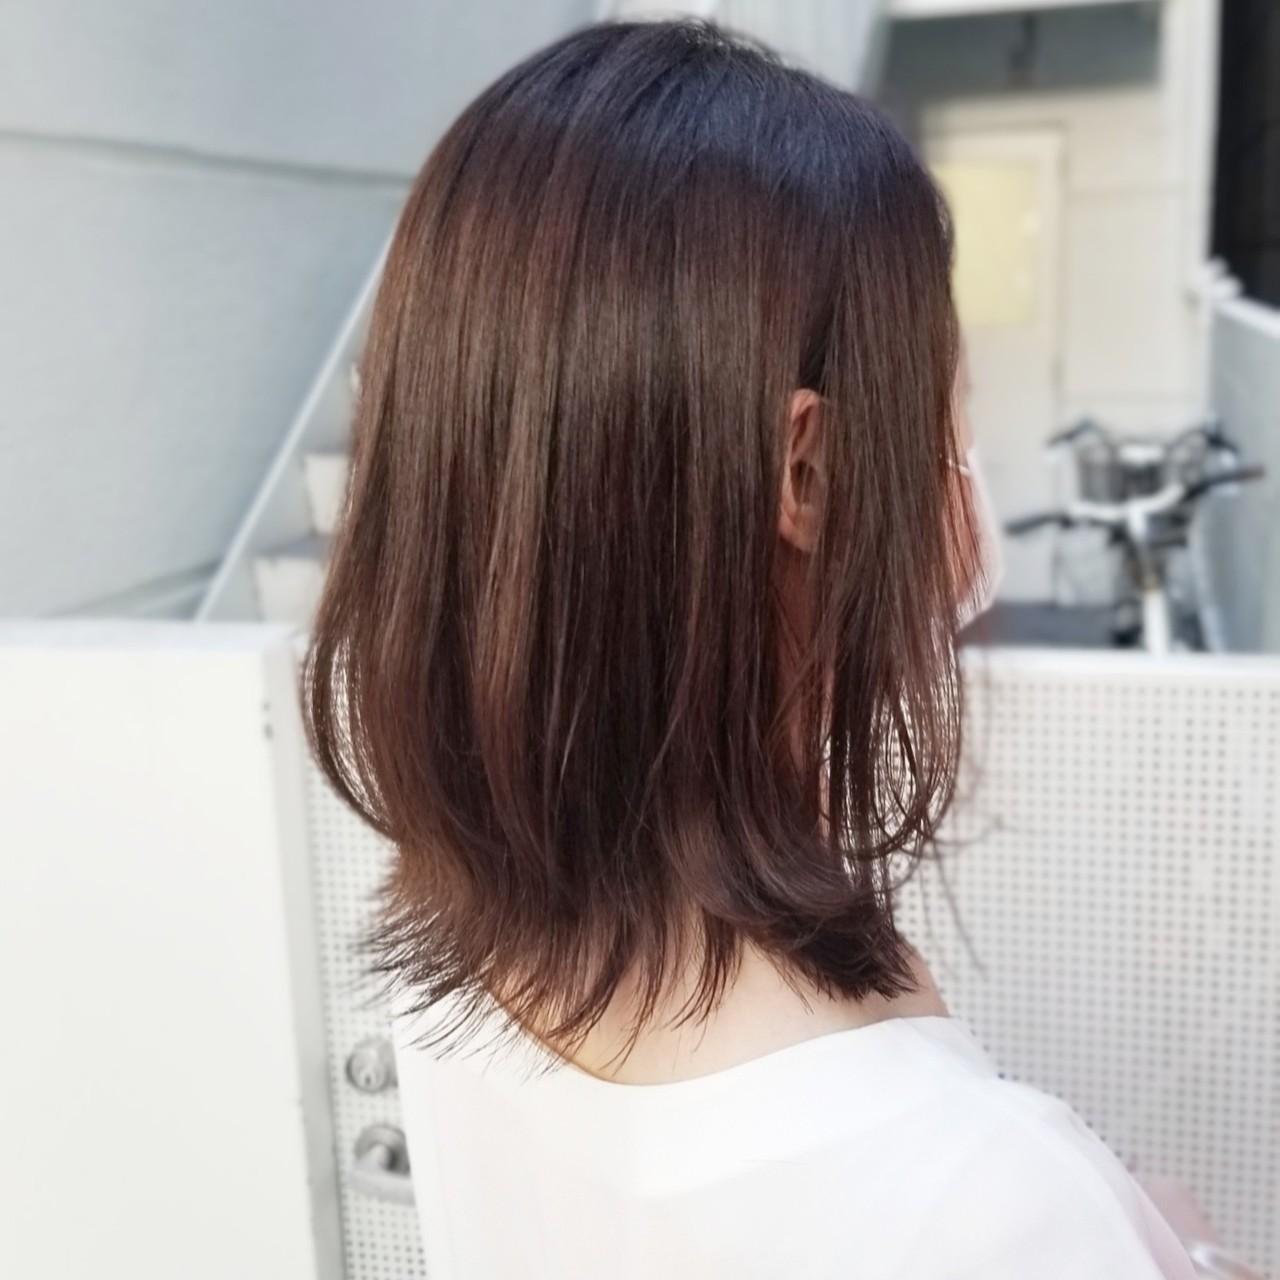 ピンクブラウン ネオウルフ ウルフカット ミディアムヘアスタイルや髪型の写真・画像